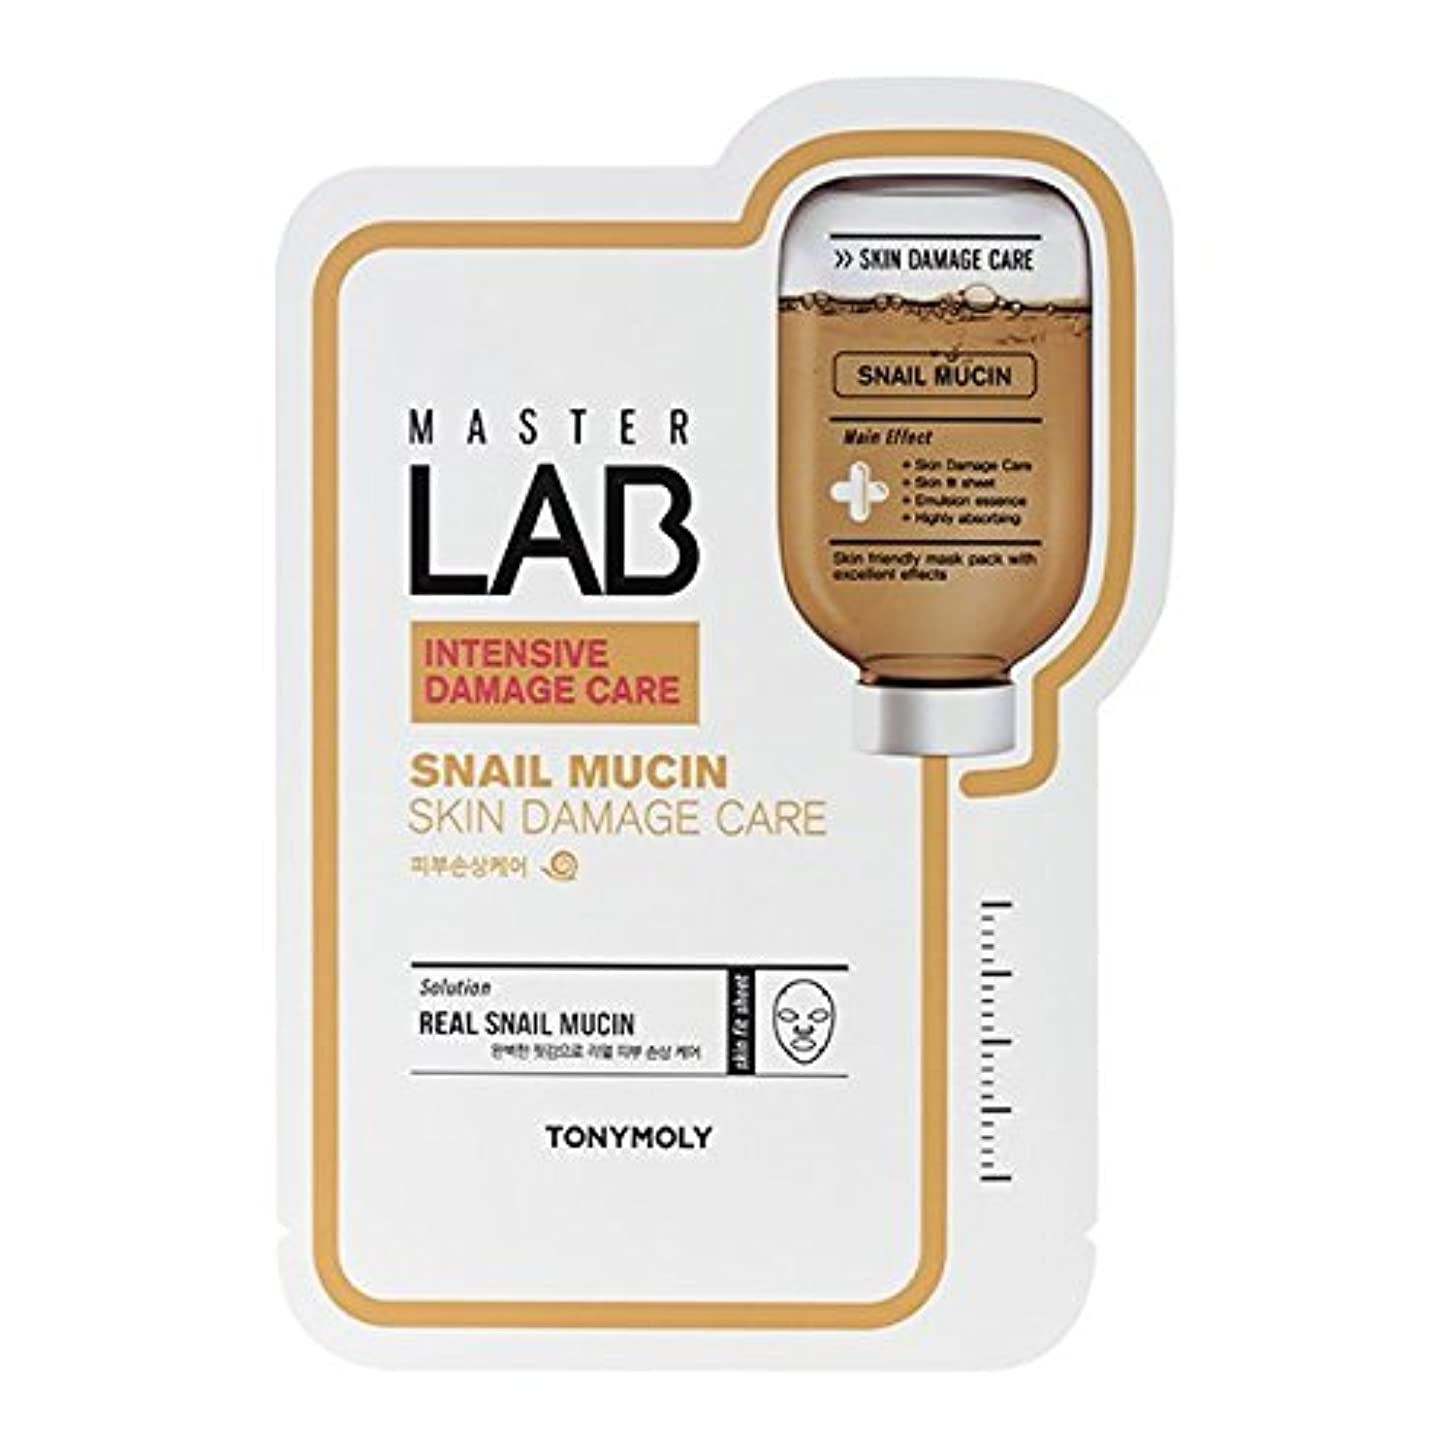 マニアック稼ぐジョセフバンクスTONYMOLY Master Lab Mask Snail Mucin (Skin Damage Care) (並行輸入品)